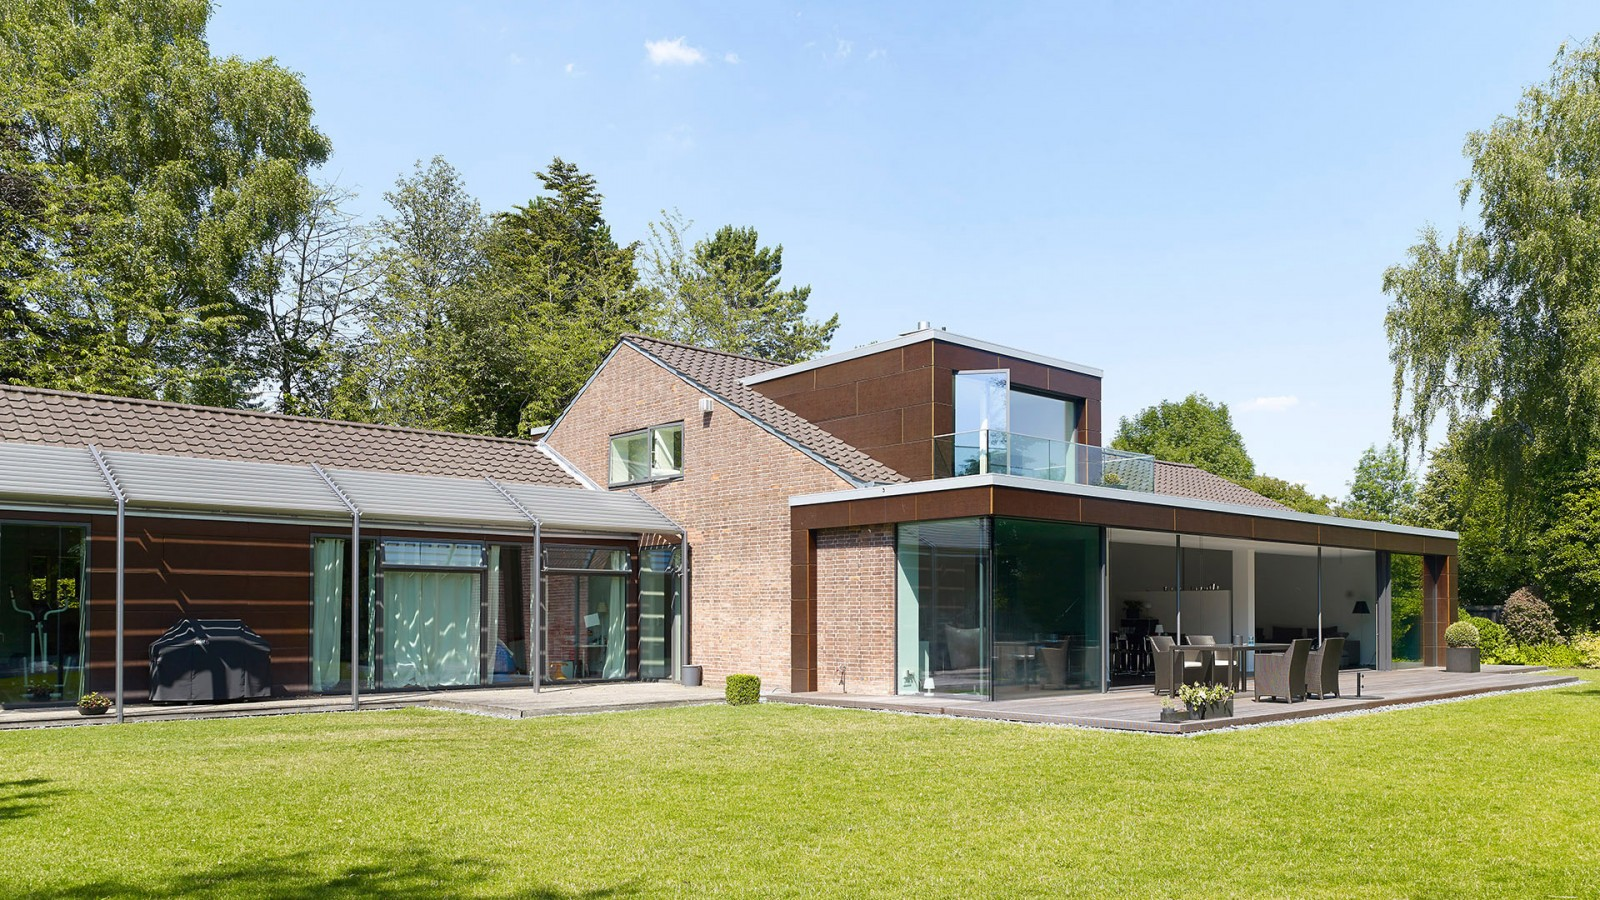 Anbau und Sanierung eines Einfamilienhauses in Hannover | JUNG - Architekturbüro, Innenarchitekturbüro Hildesheim